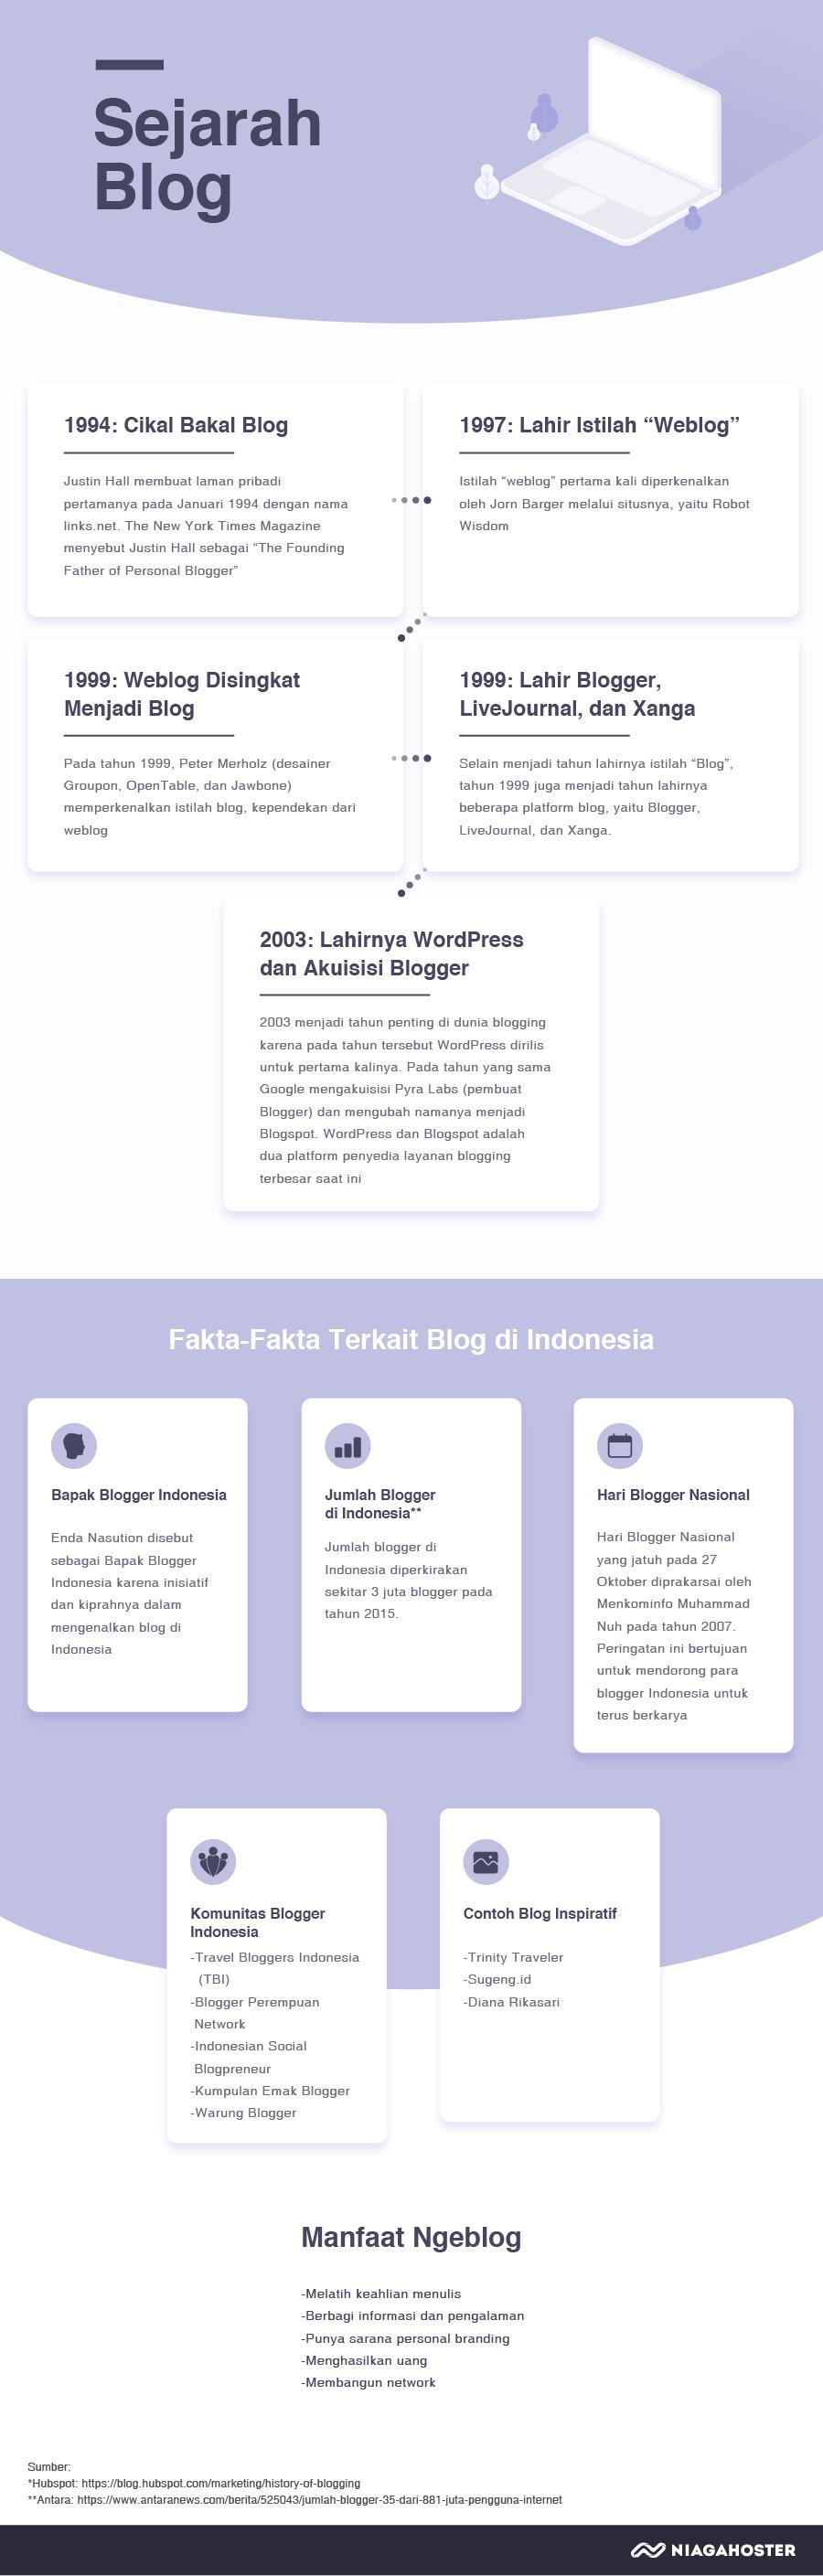 blog adalah infografik